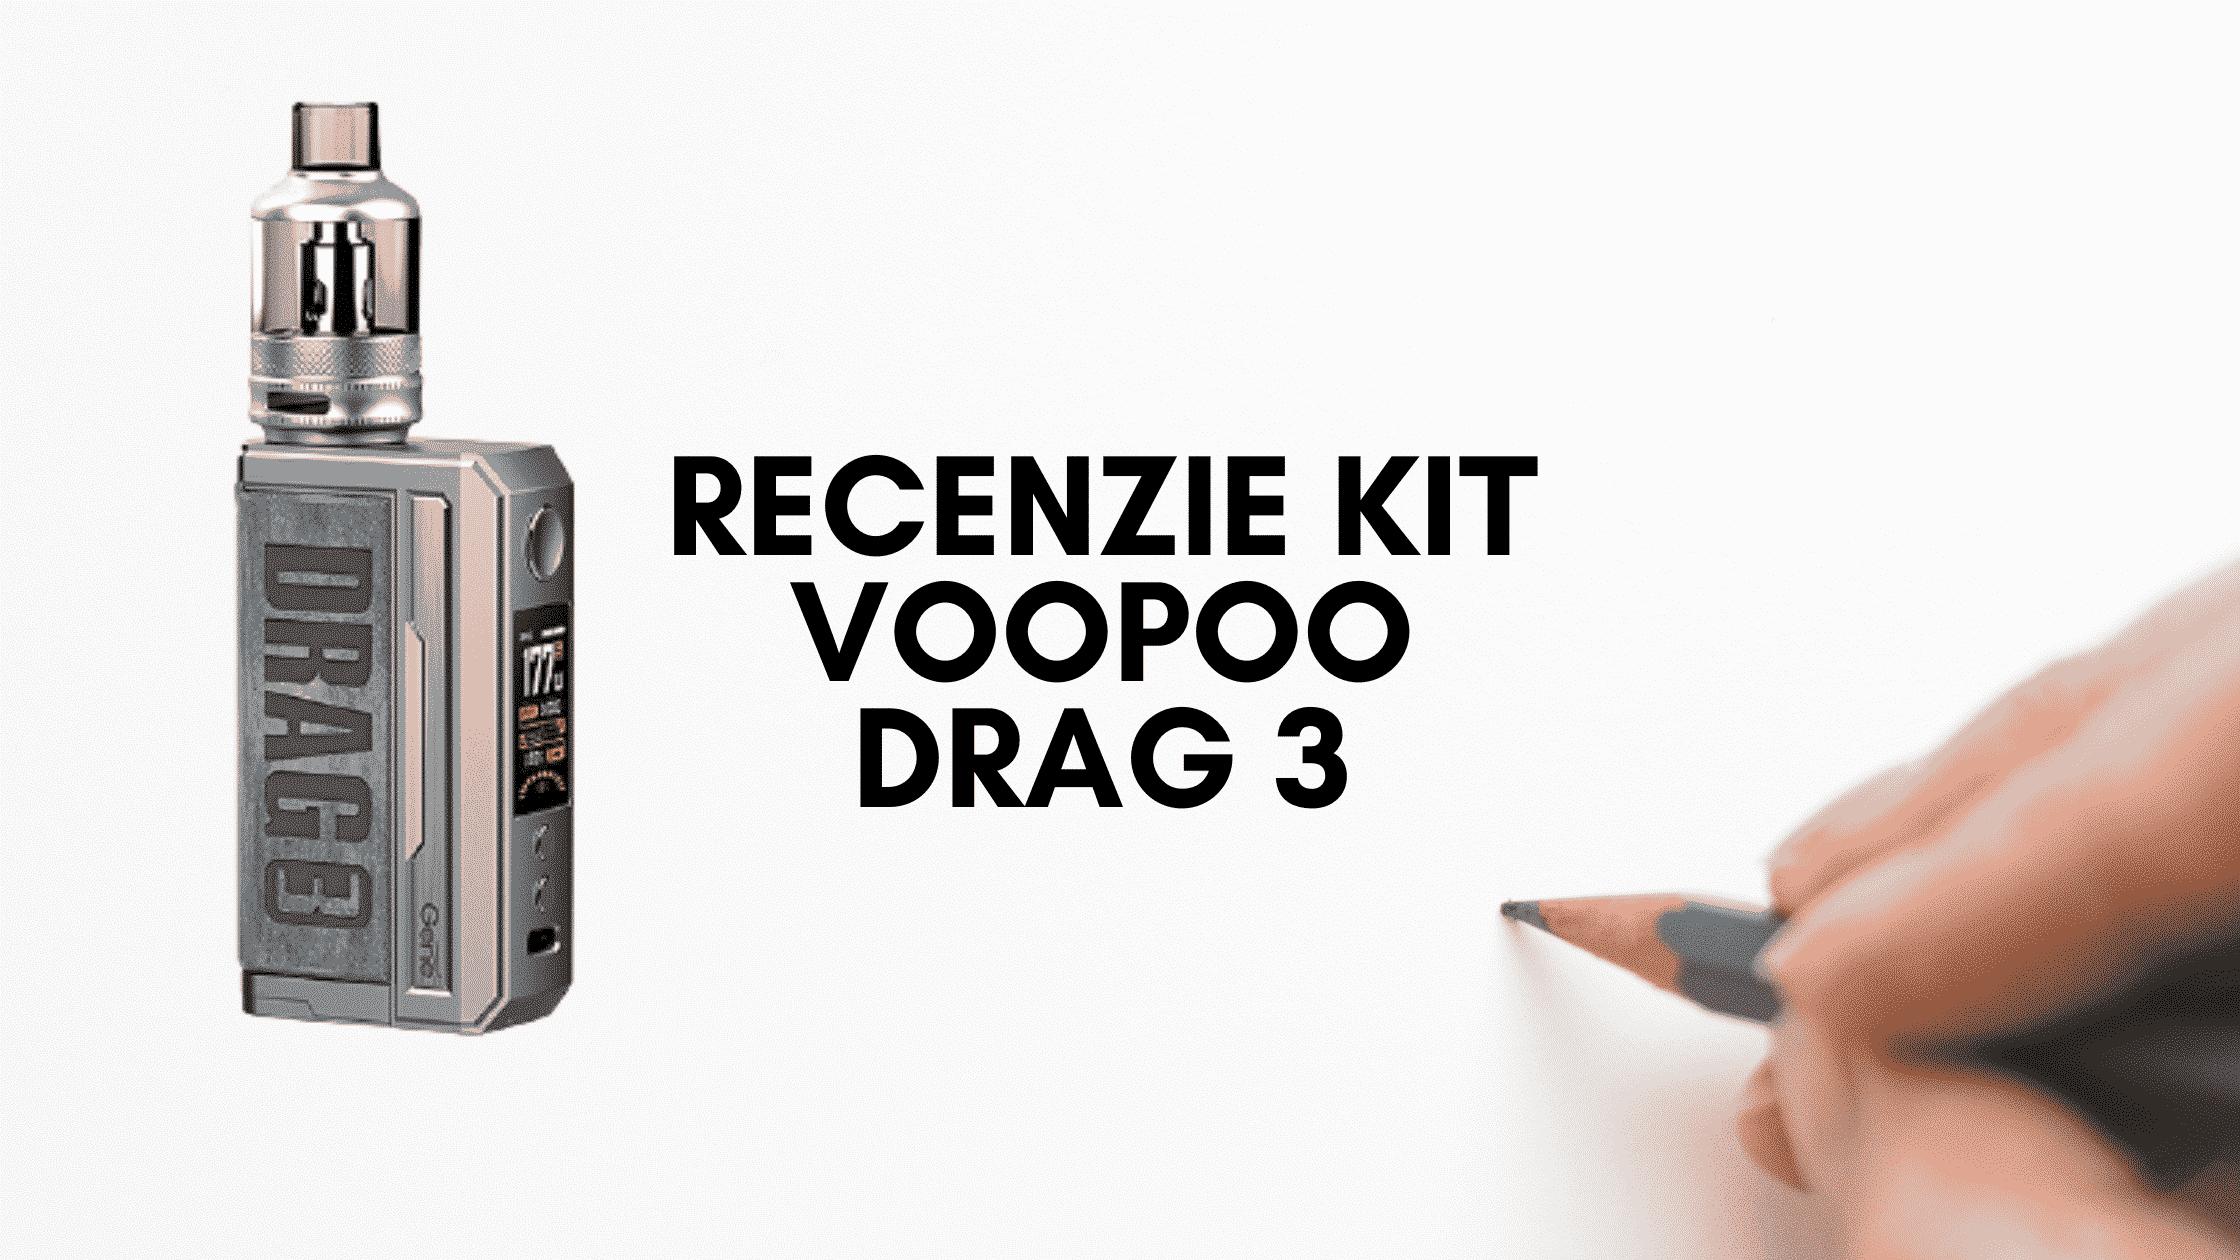 Recenzie Kit Voopoo DRAG 3 de pe e-potion.ro